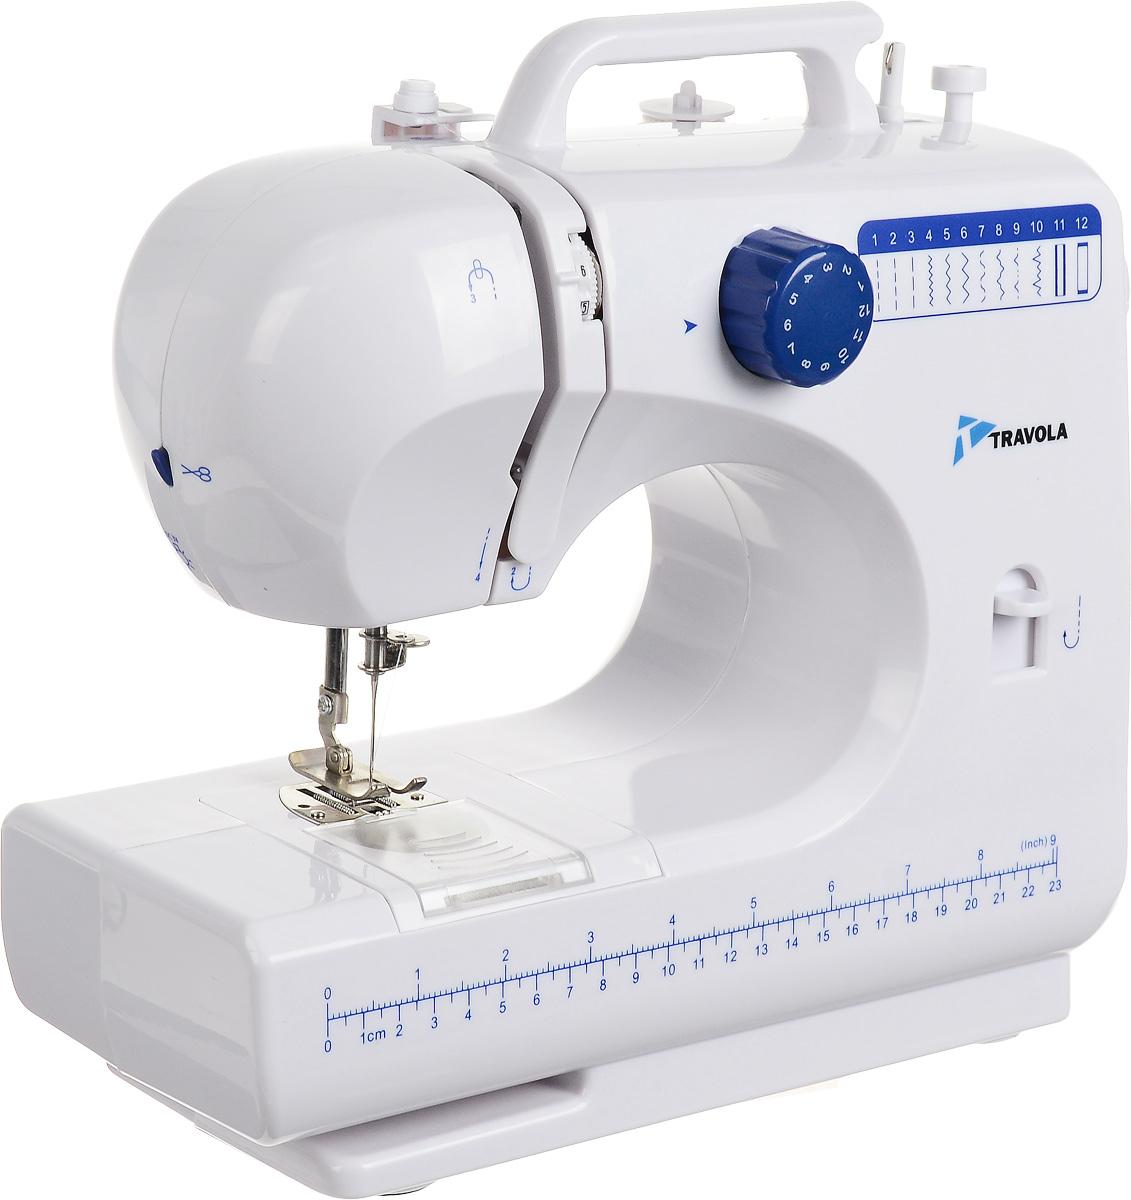 Travola 506 швейная машина